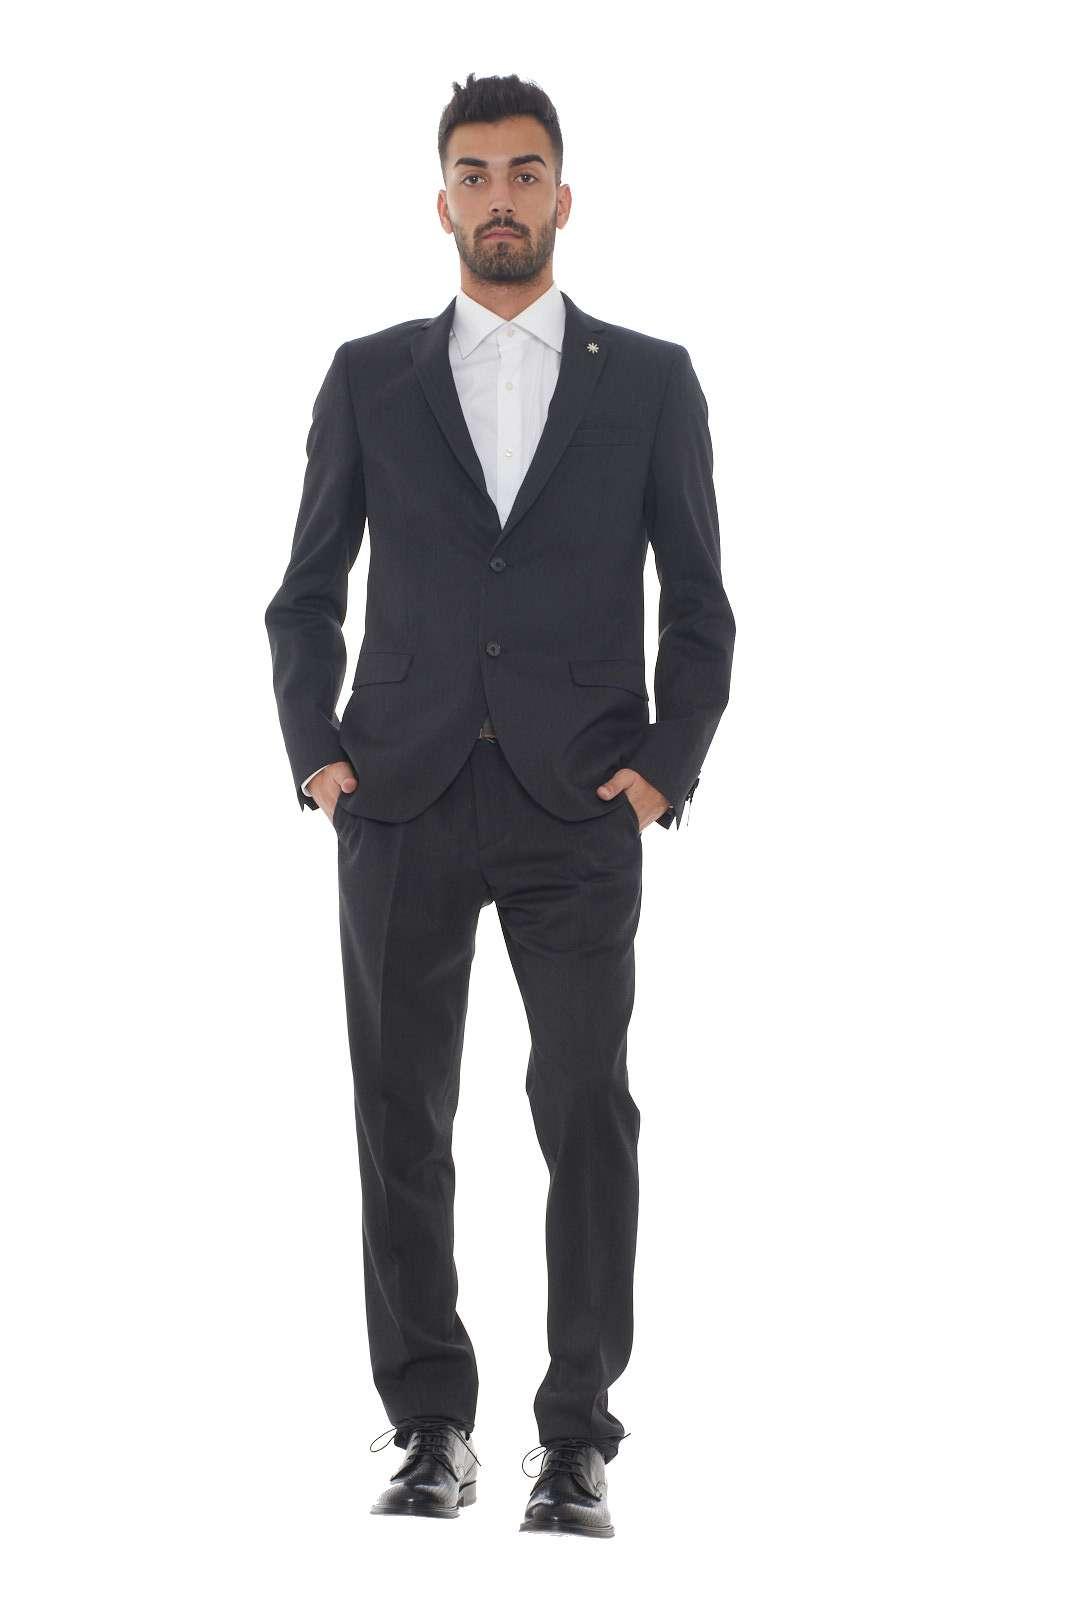 Un abito dalla raffinata fantasia melange quello in lana firmato Manuel Ritz. Un capo essenziale per le occasioni più importanti, è un evergreen. Una linea pulita su taglio slim per l'uomo che ama l'eleganza. Il modello è alto 1.80m e indossa la taglia 48.